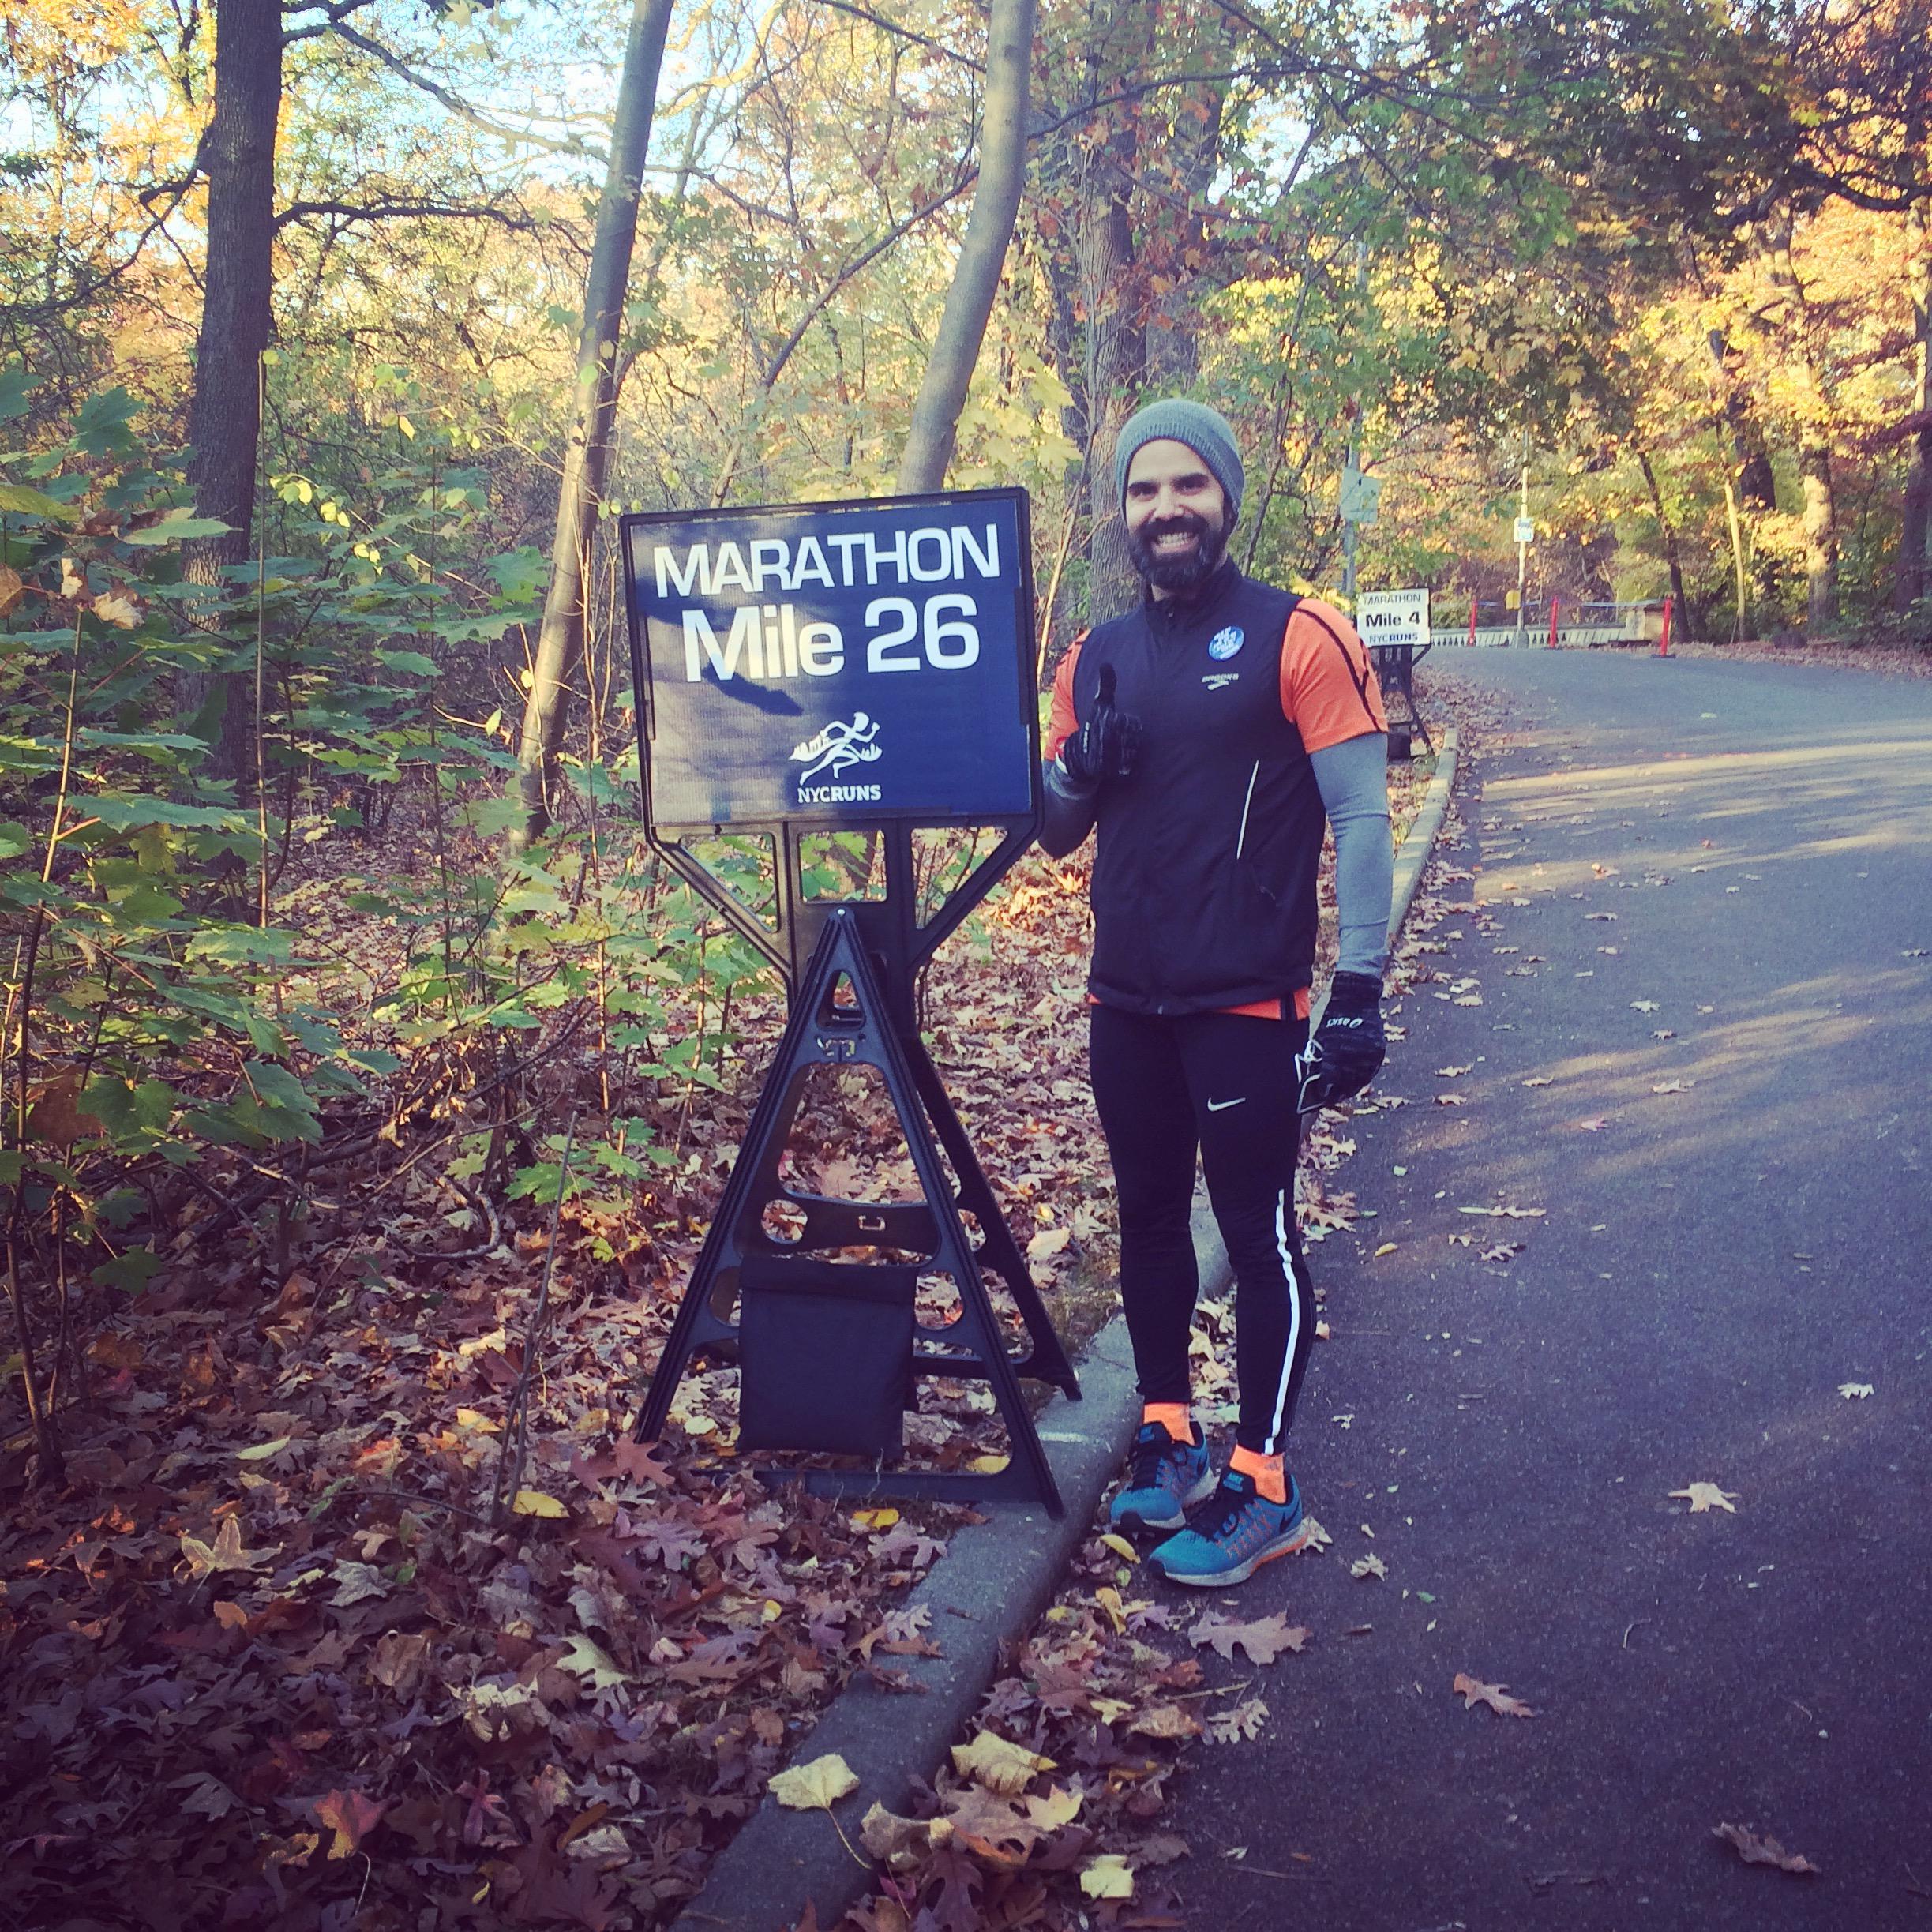 At my first marathon in November 2015.